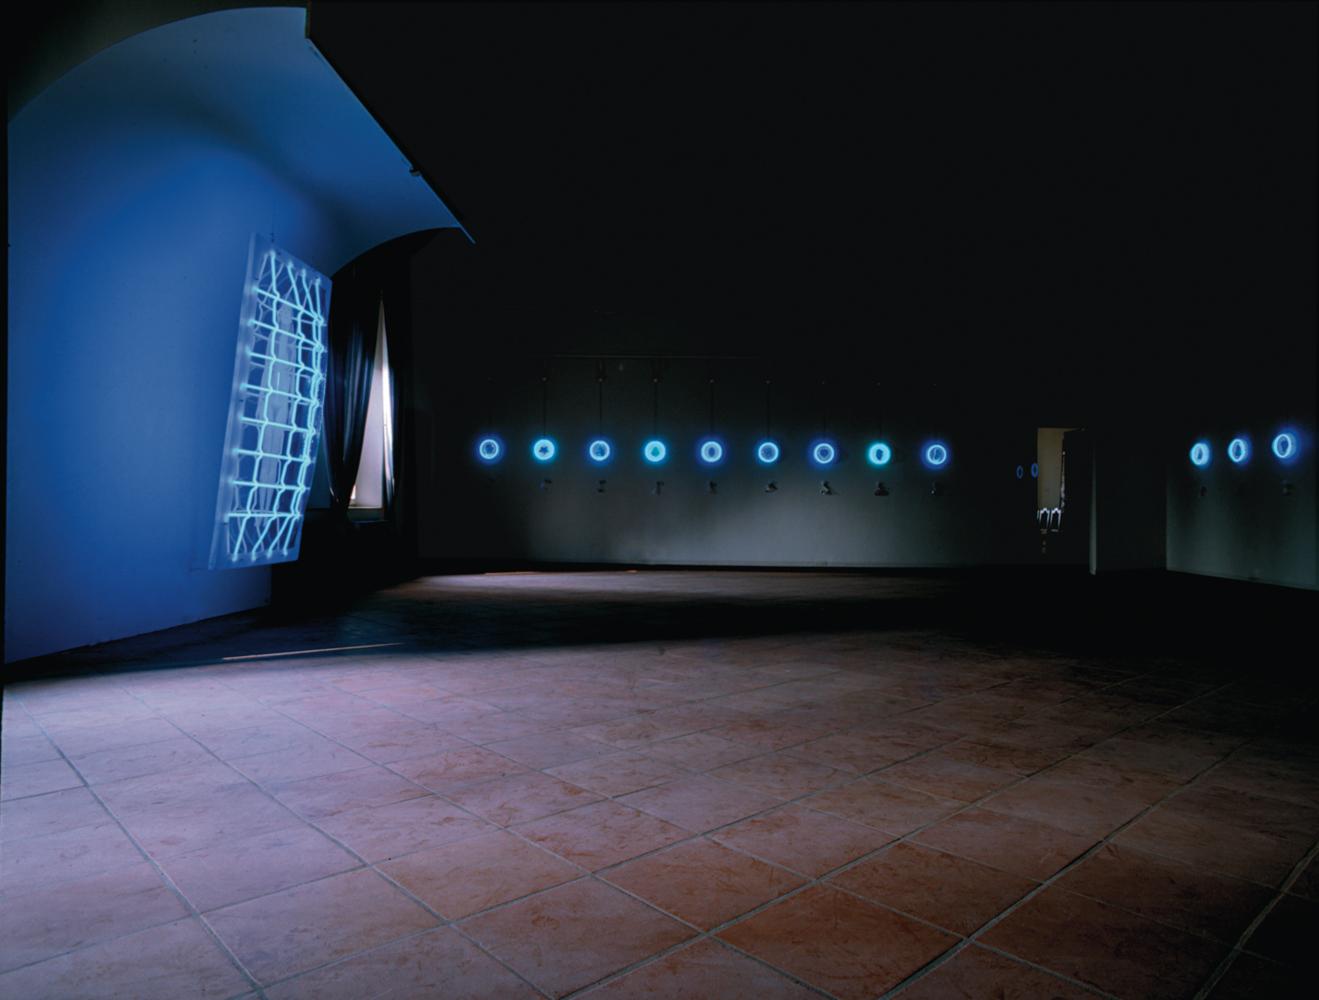 museo-di-storia-innaturale-sala-i-antropologia-apertura-h1000